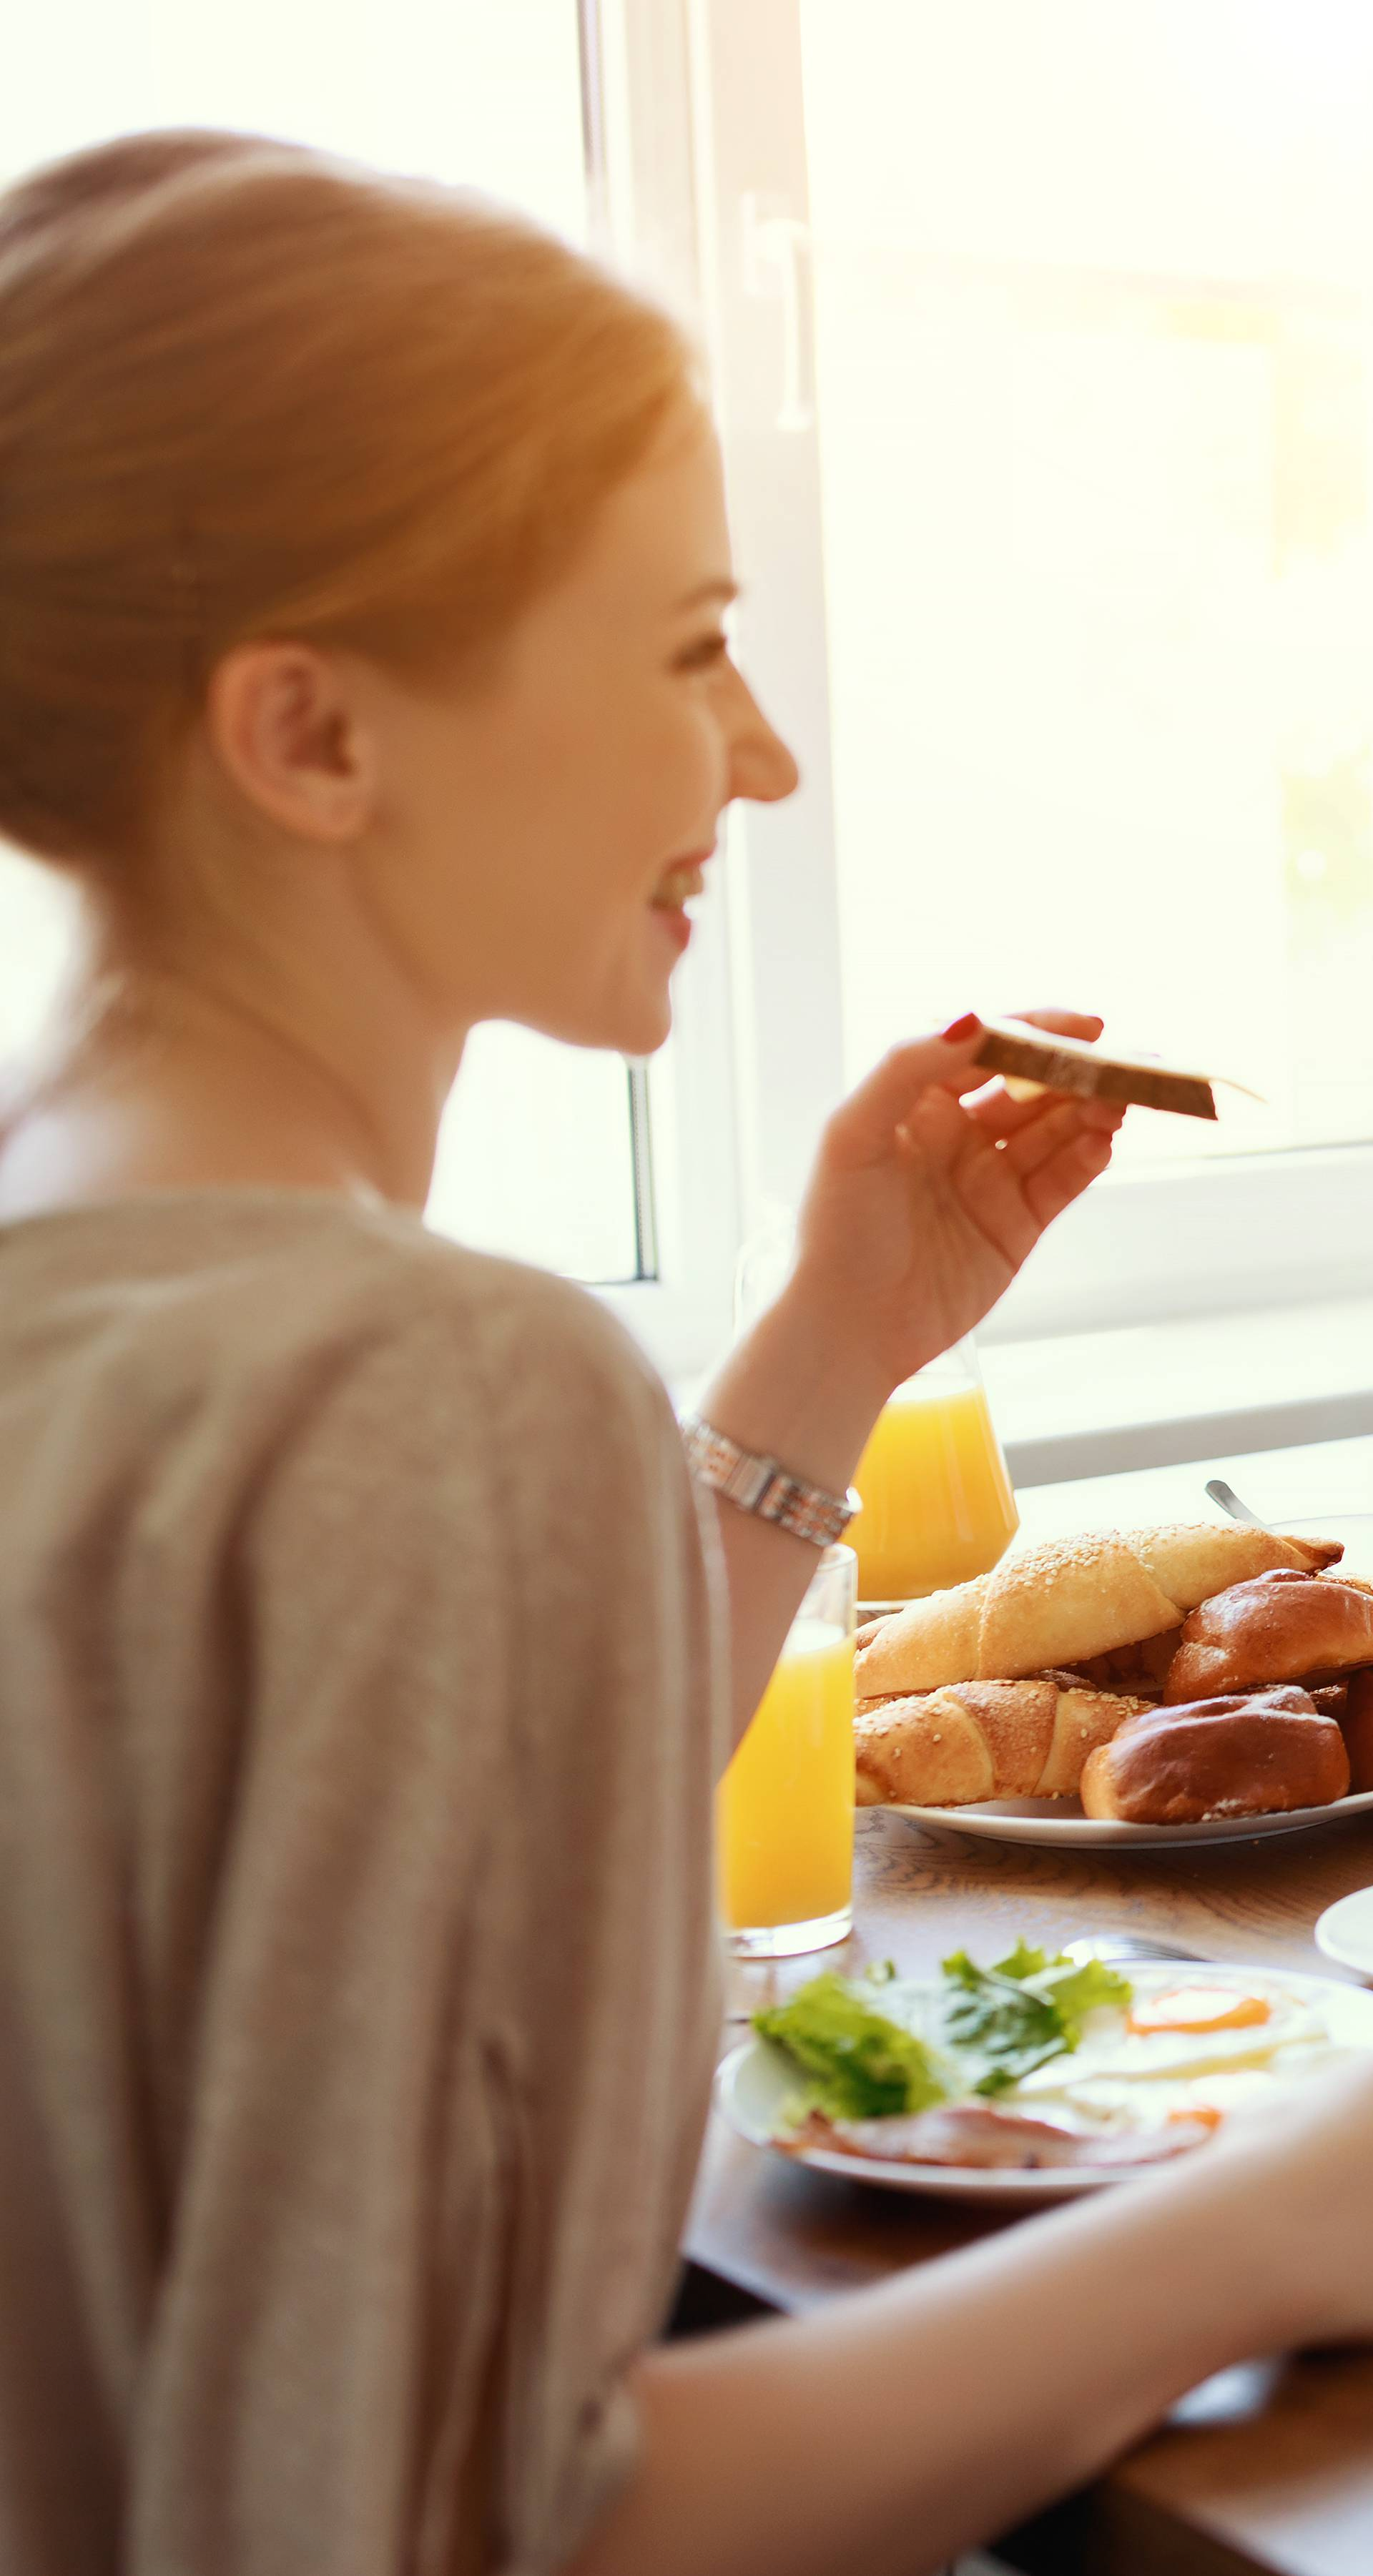 Debljati se i mršavjeti možete i zbog načina na koji objedujete